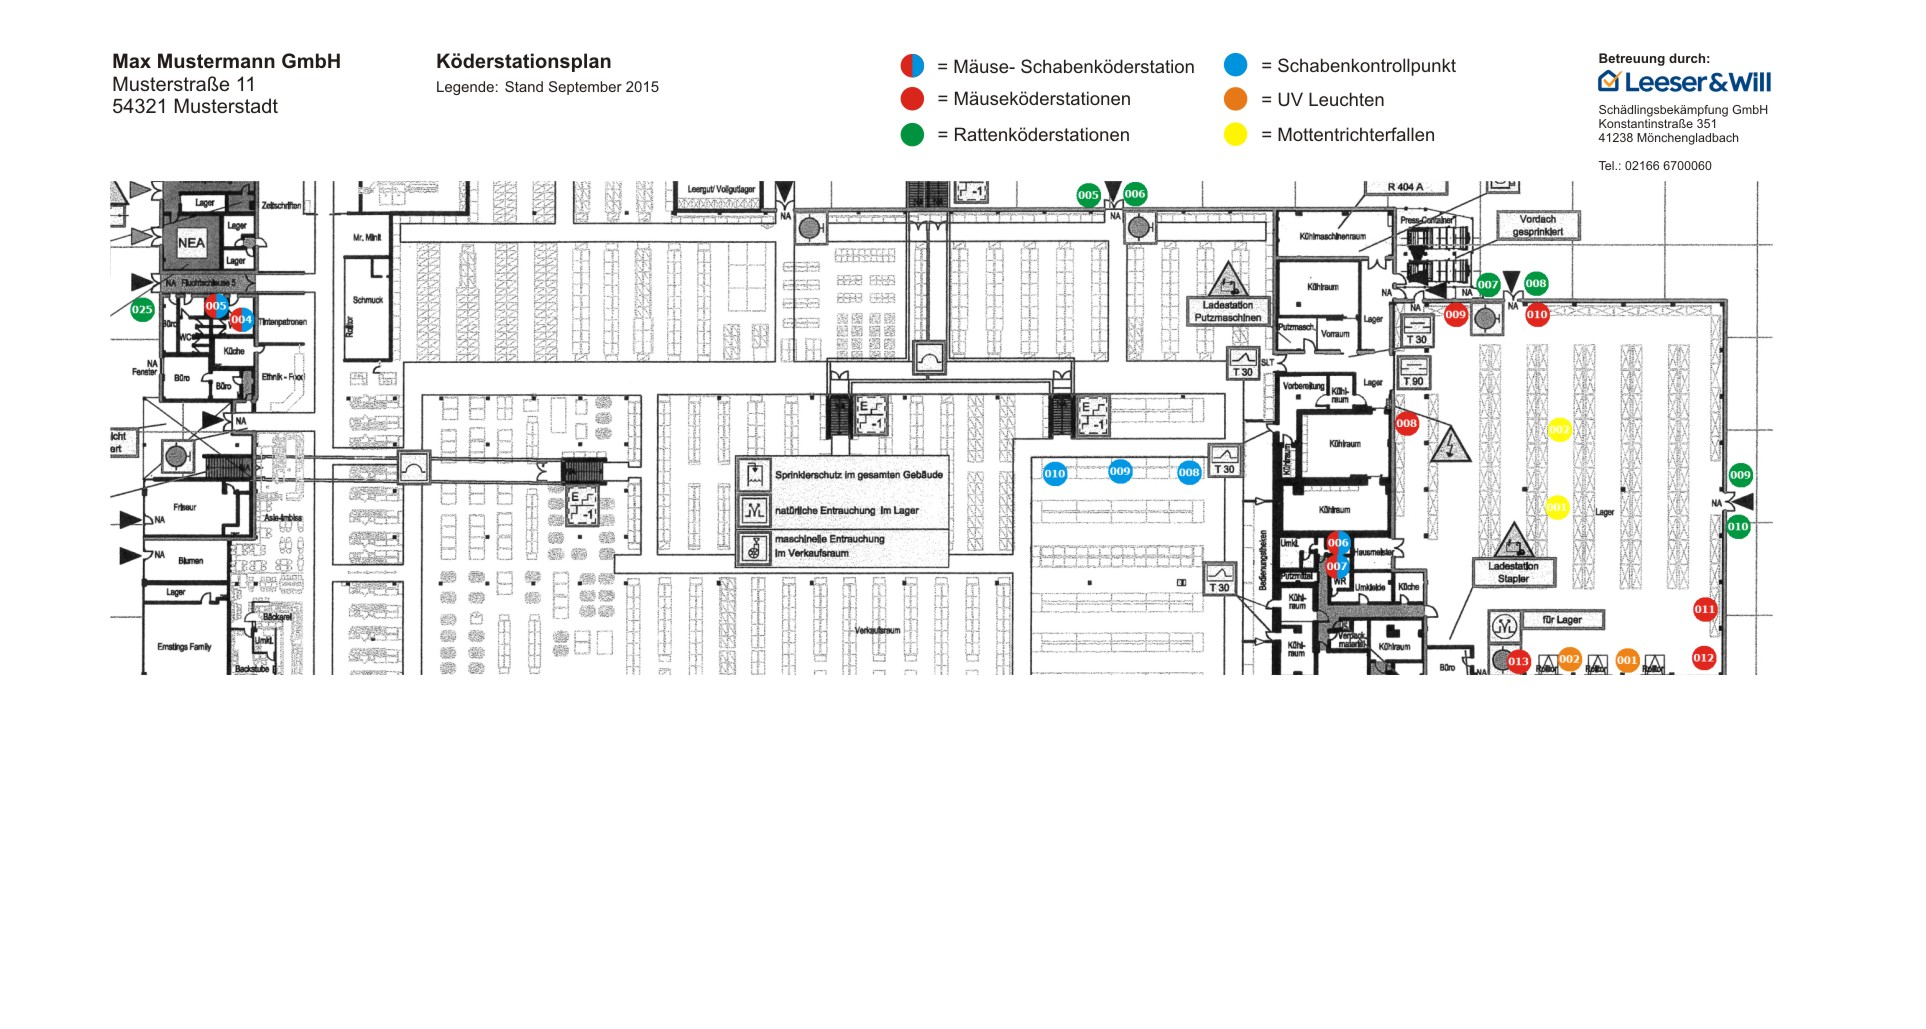 Präventionsmaßnahmen und Monitoring schützen Ihren Betrieb. - Leeser & Will Schädlingsbekämpfung München betreut durch ready4marketing.de